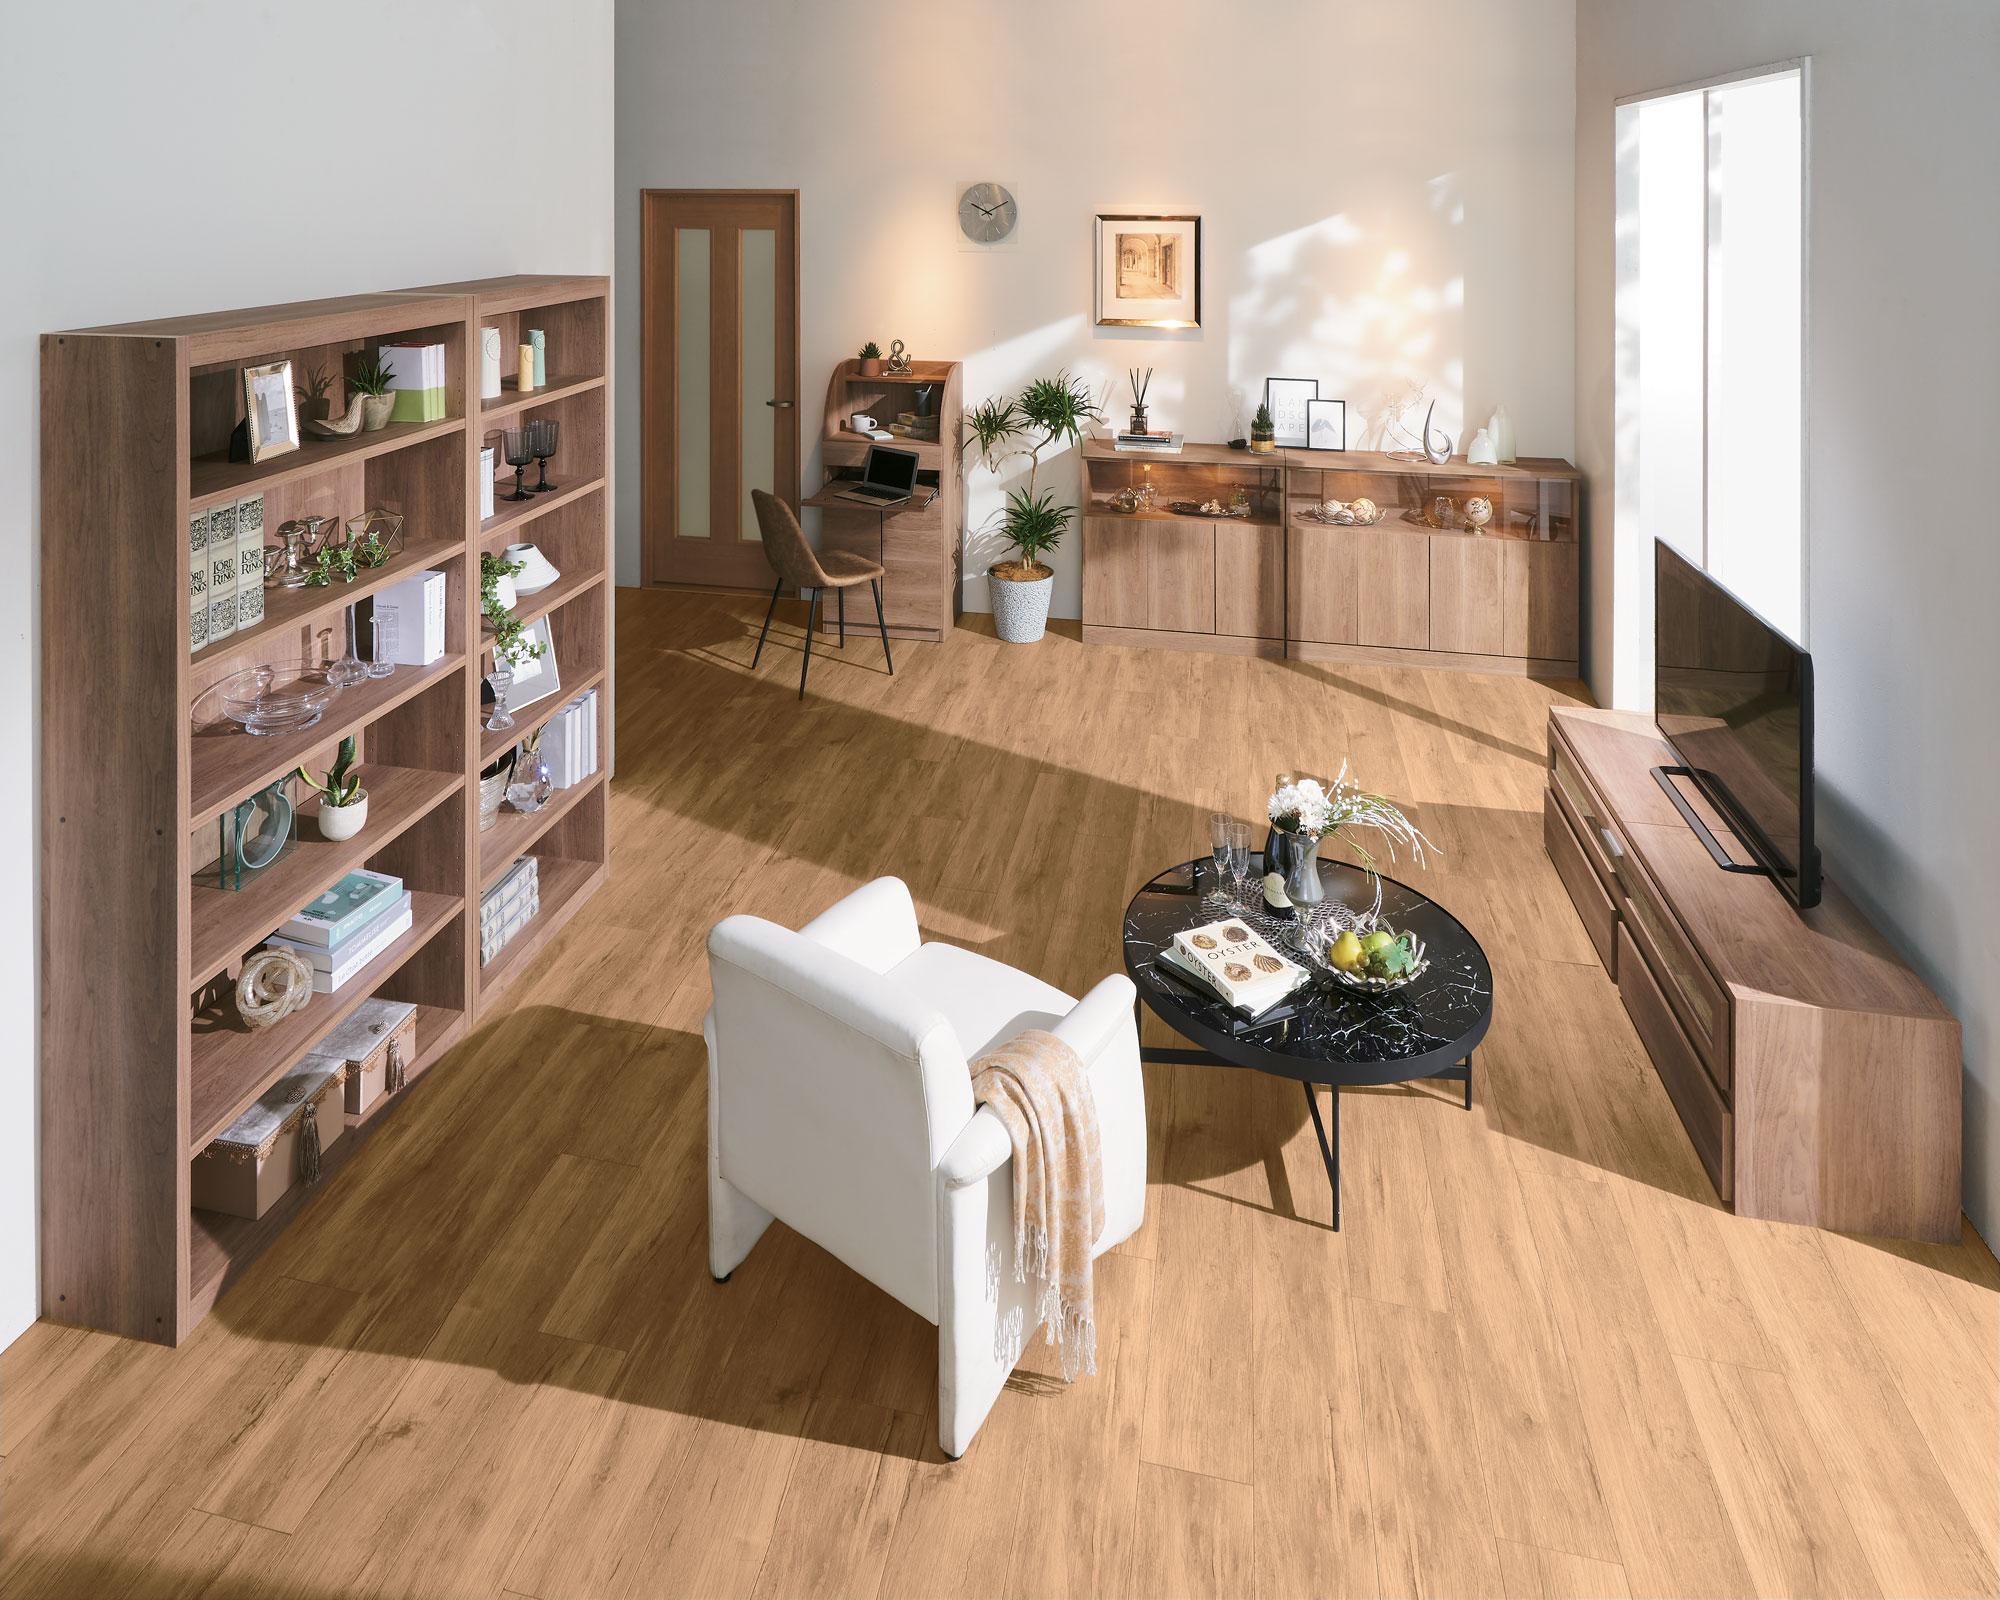 ディノス、家具11シリーズに天然木を再現した新色追加